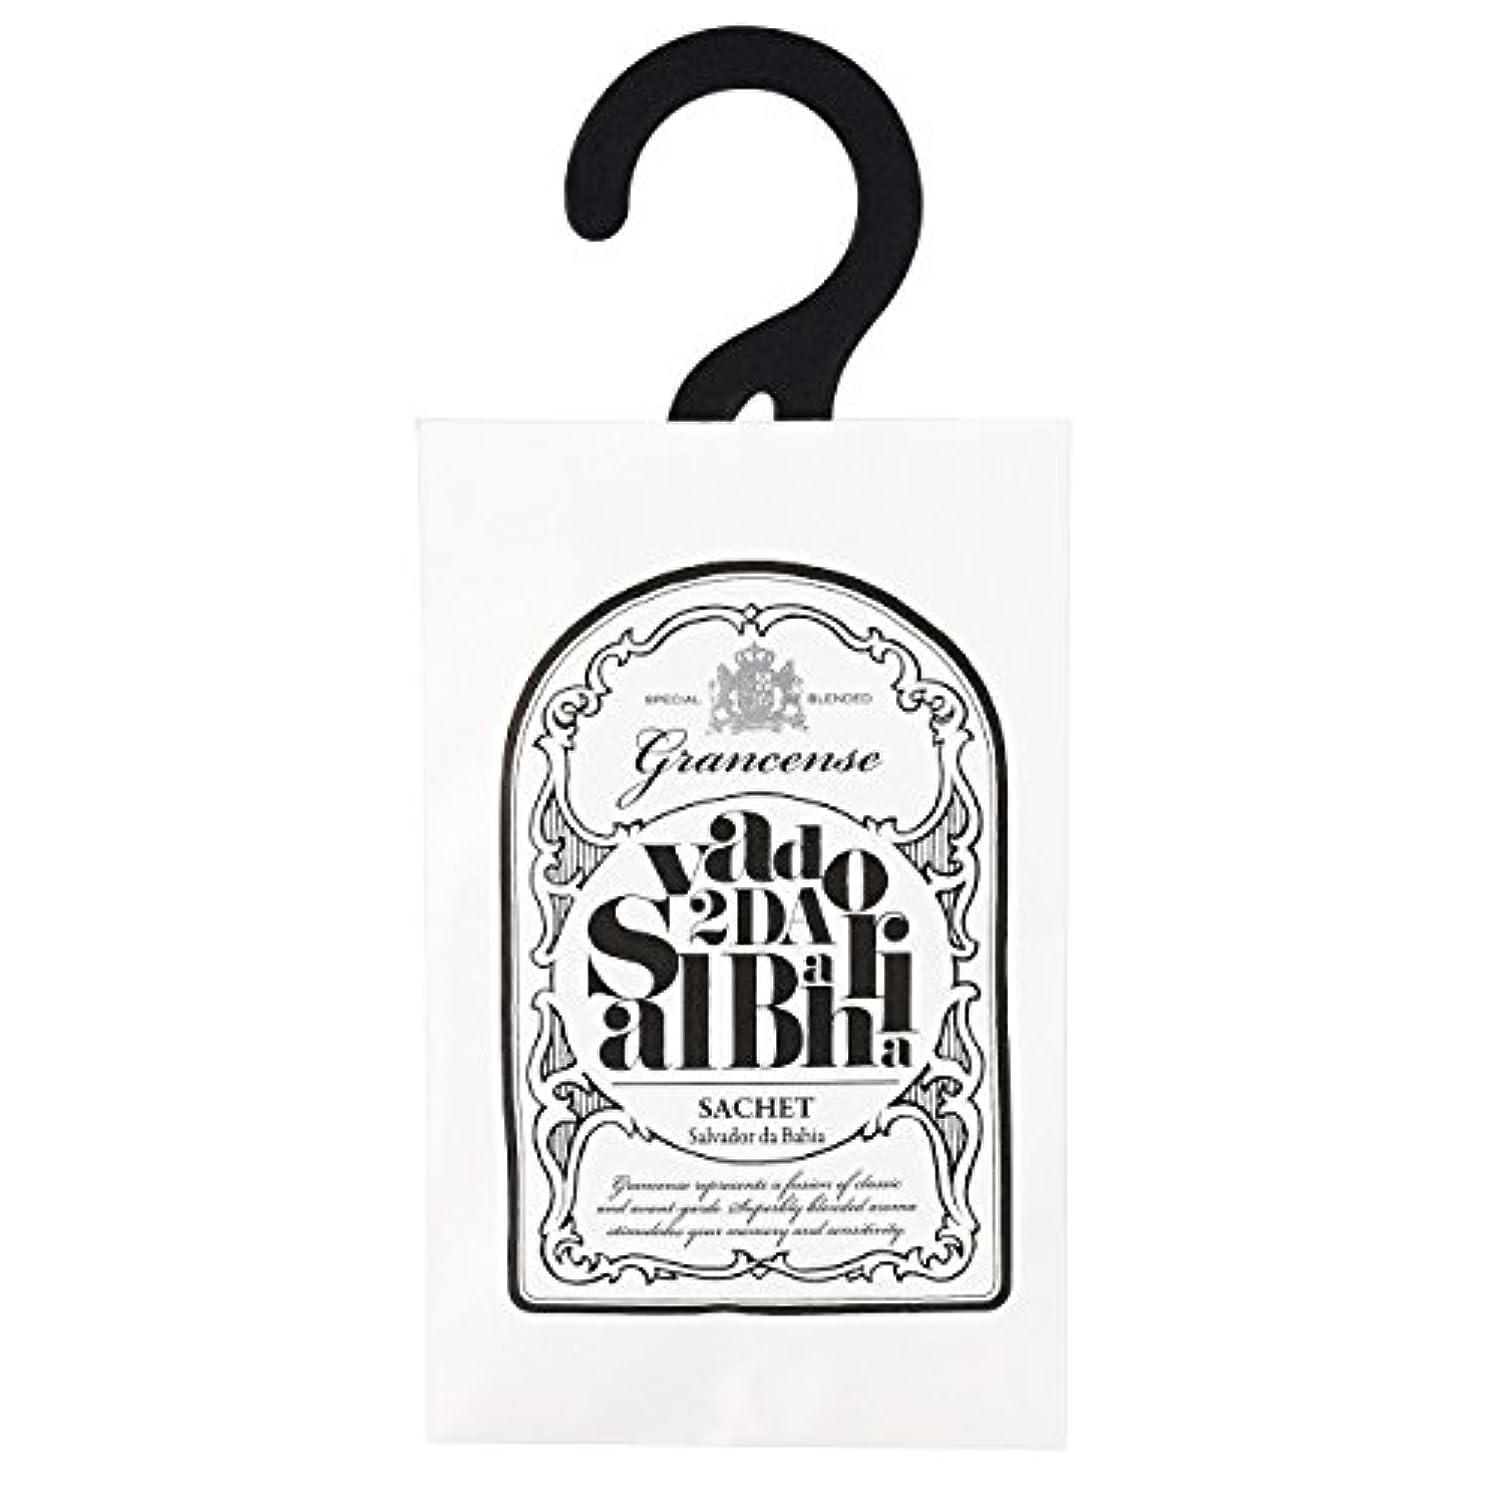 グランセンス サシェ(約2~4週間) サルバドール 12g(芳香剤 香り袋 アロマサシェ ライムとミントの爽やかさにバニラの甘さを感じる南国のような香り)